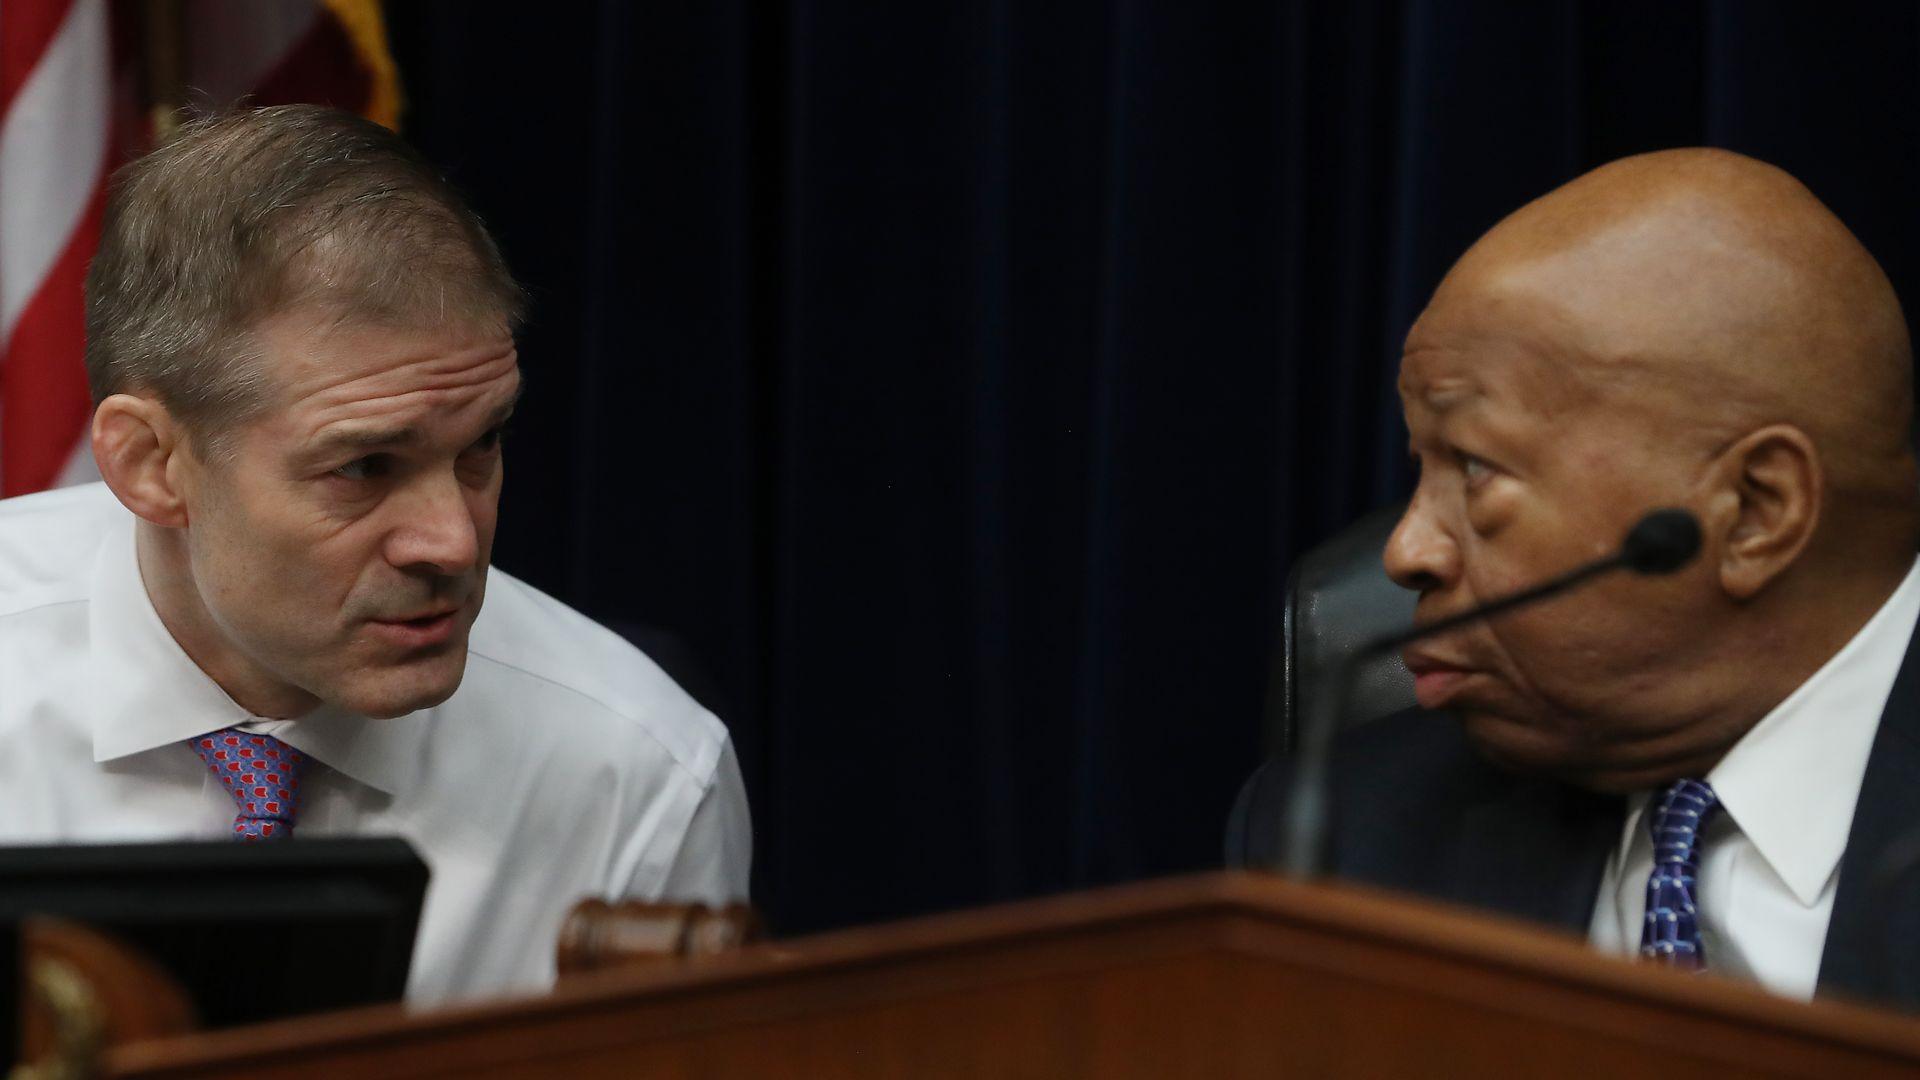 Rep. Elijah E. Cummings speaking with Rep. Jim Jordan at the House Oversight Committee